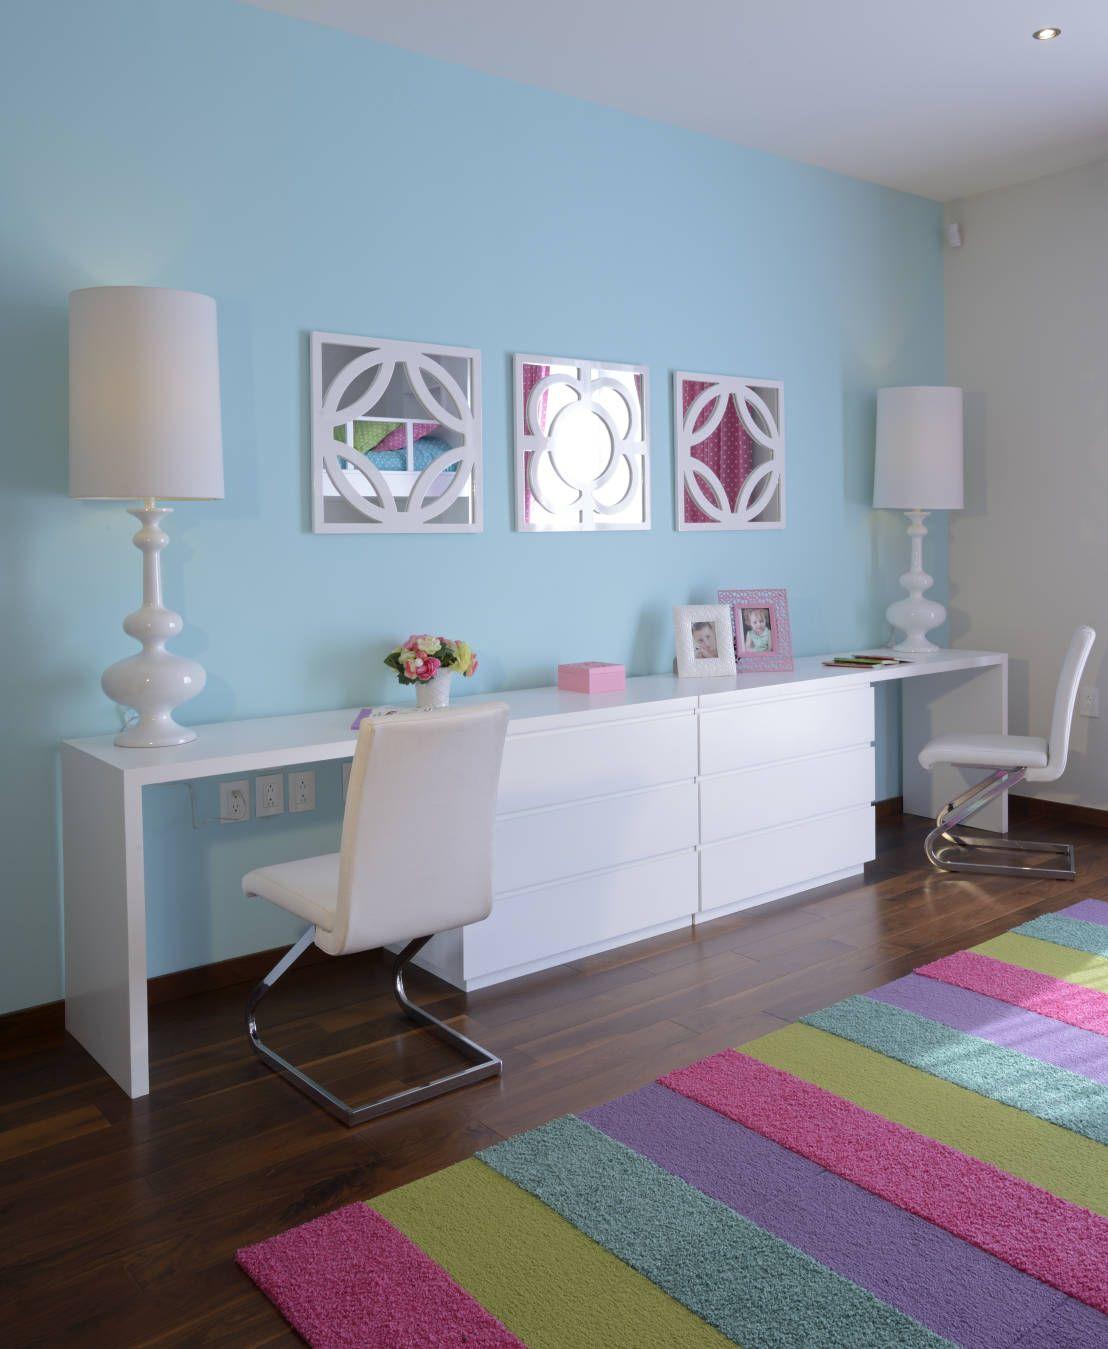 Dormitorios Infatiles Pintura En Dormitorios Infantiles Ambiente  ~ Dormitorios Infantiles A Medida